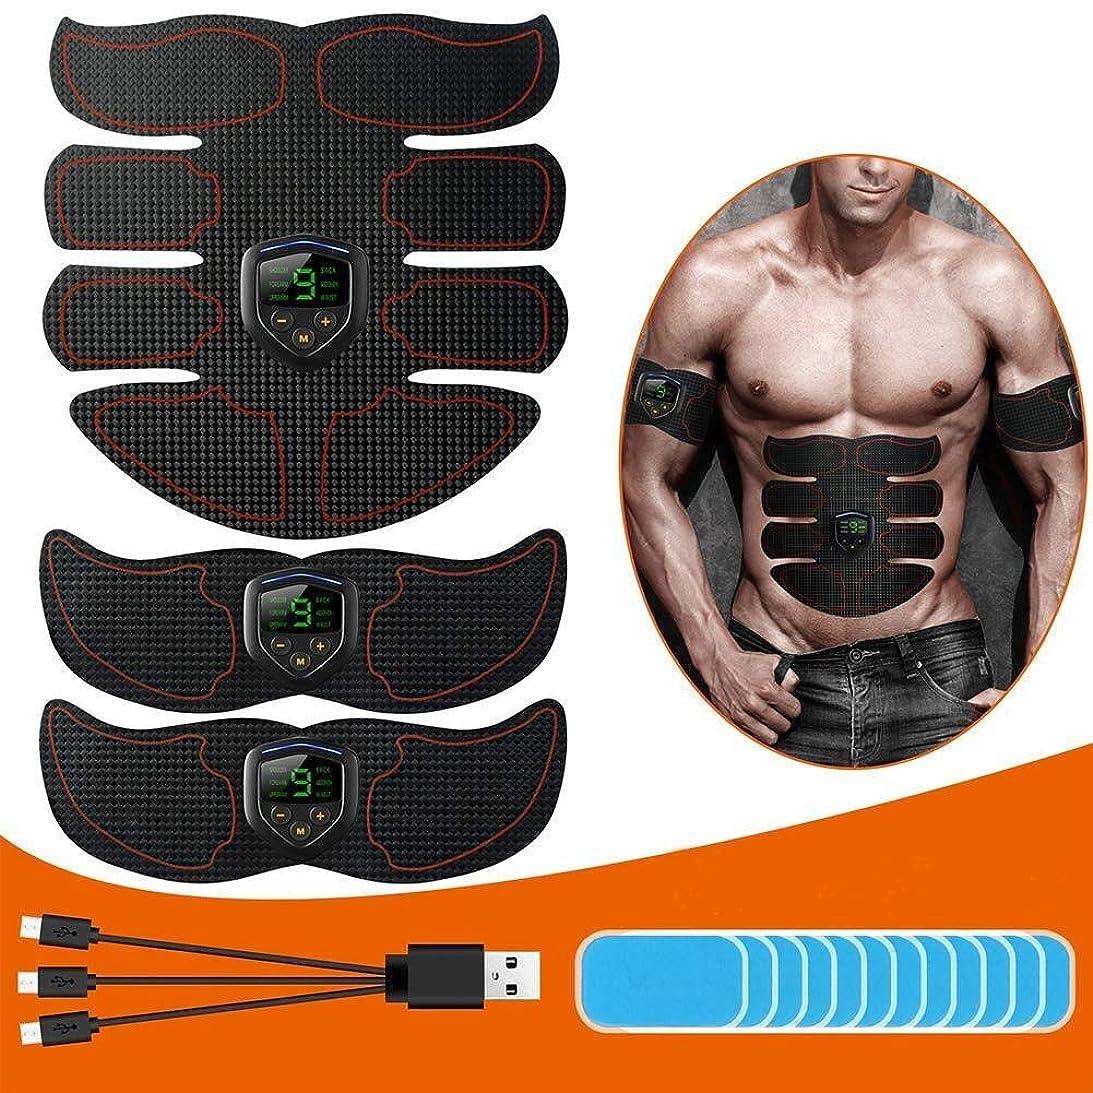 辞任するポルティコバンケット筋肉刺激装置 ABSトレーナー EMSマッスルトナー、 Ab インテリジェント トーニングベルト、 USB充電 液晶ディスプレイ、 腹部/腕/脚 筋肉 ジムの設備 にとって 女性と男性、 12個の交換用ゲルパッド